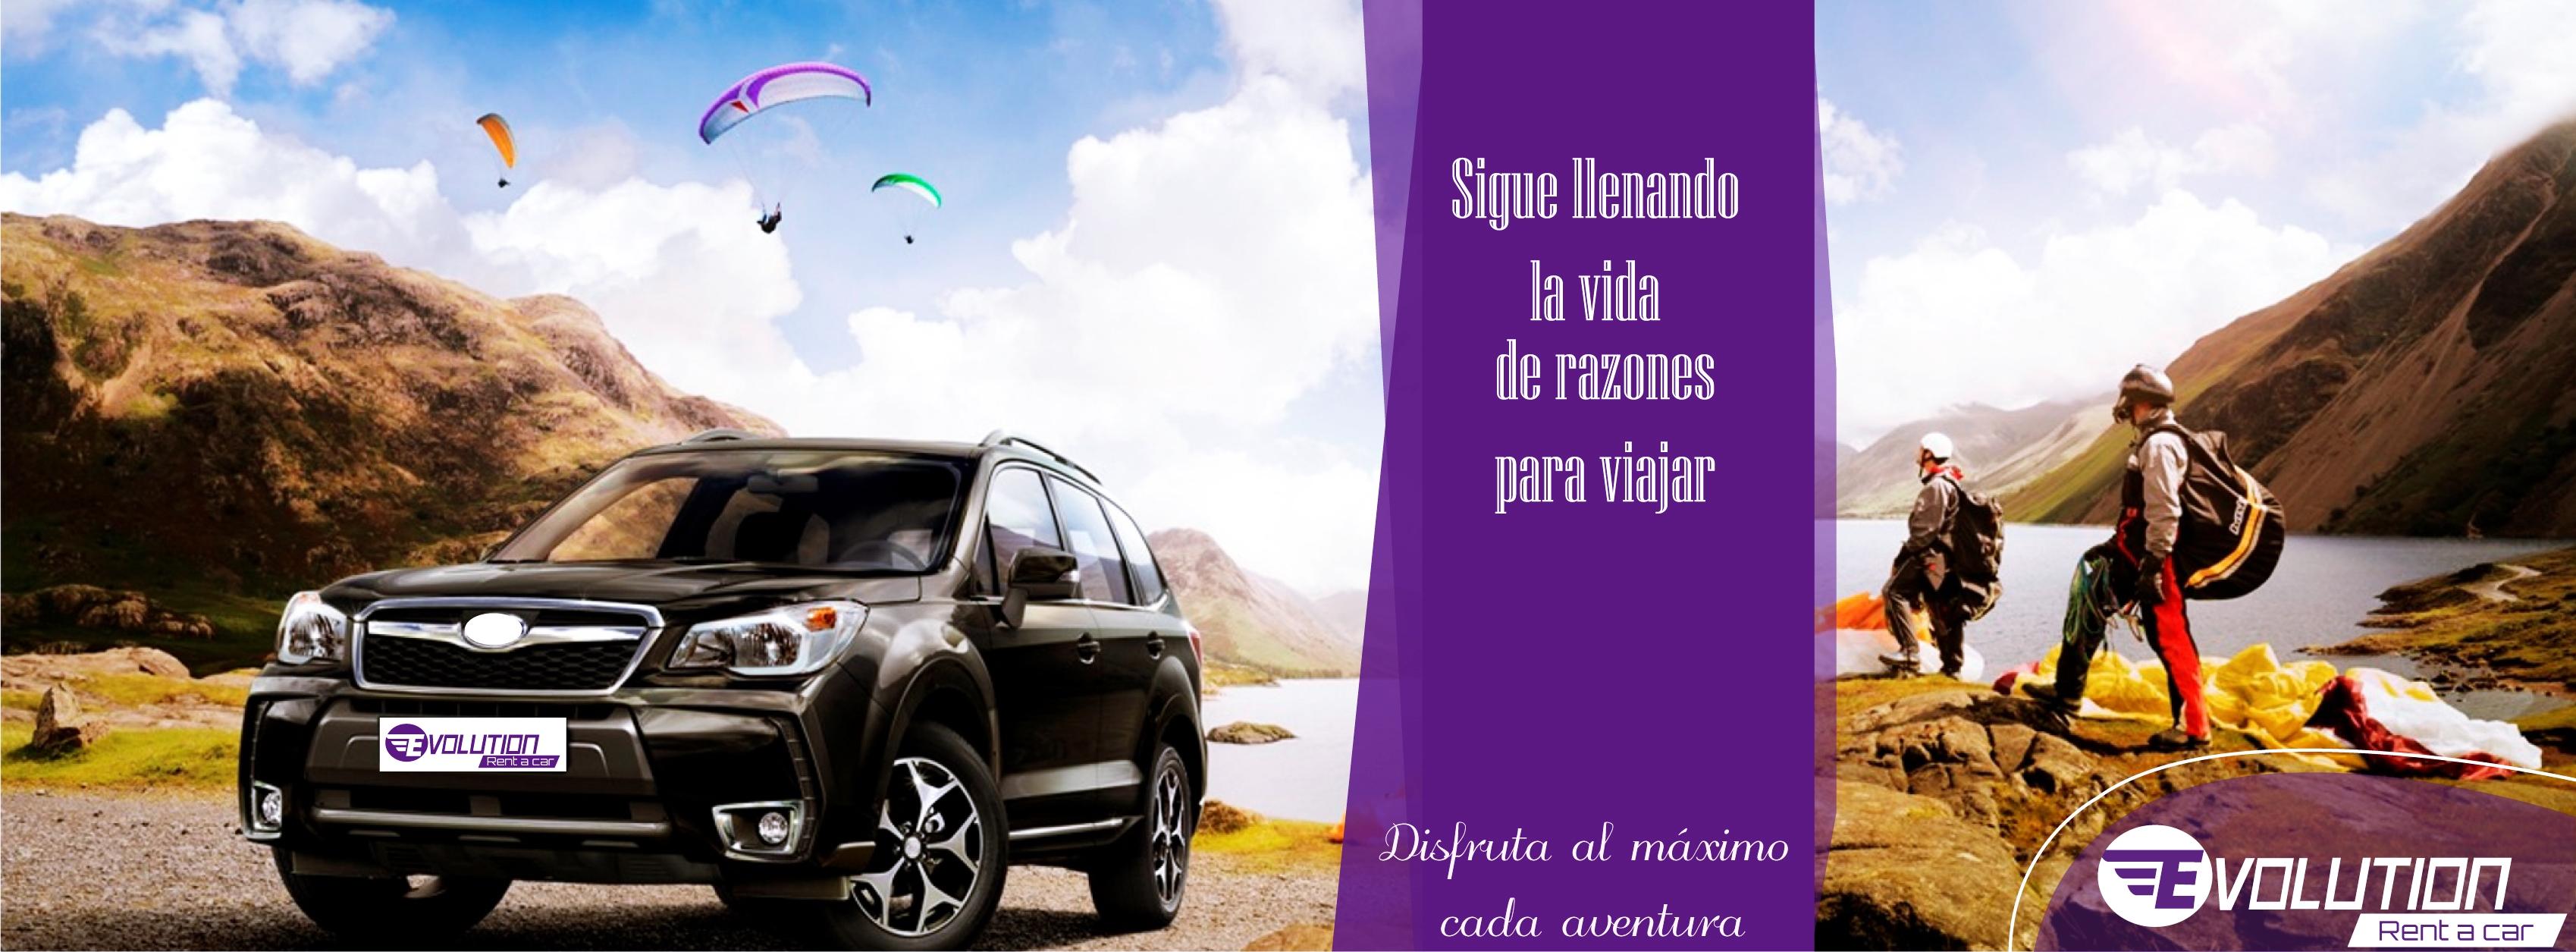 Alquiler de carros en Bogota